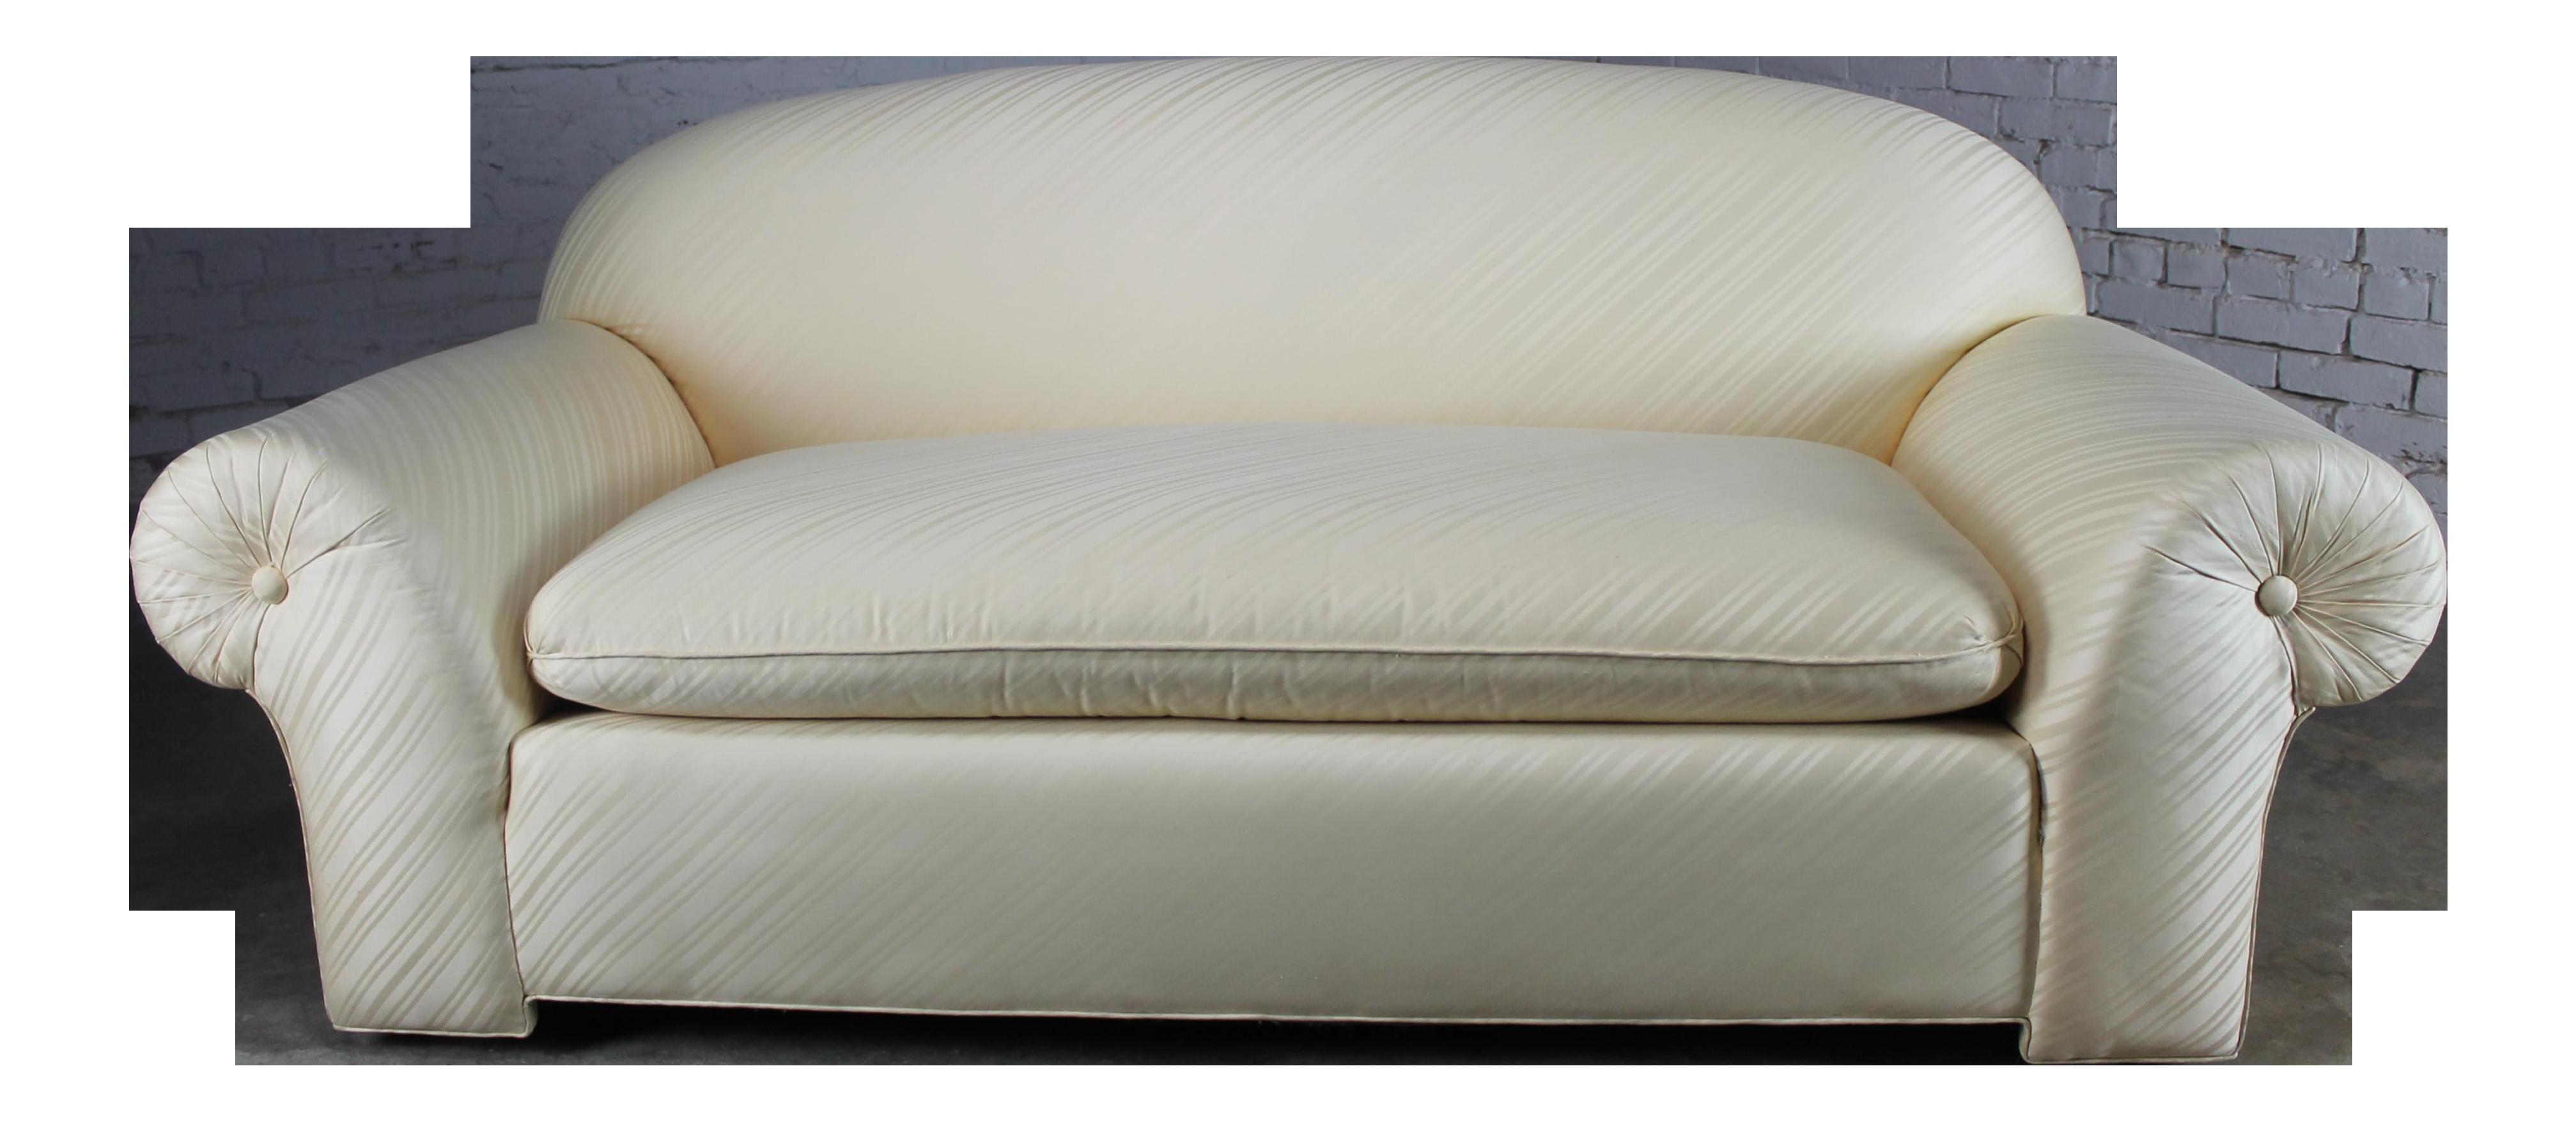 Good 1976 Vintage White Donghia Sofa